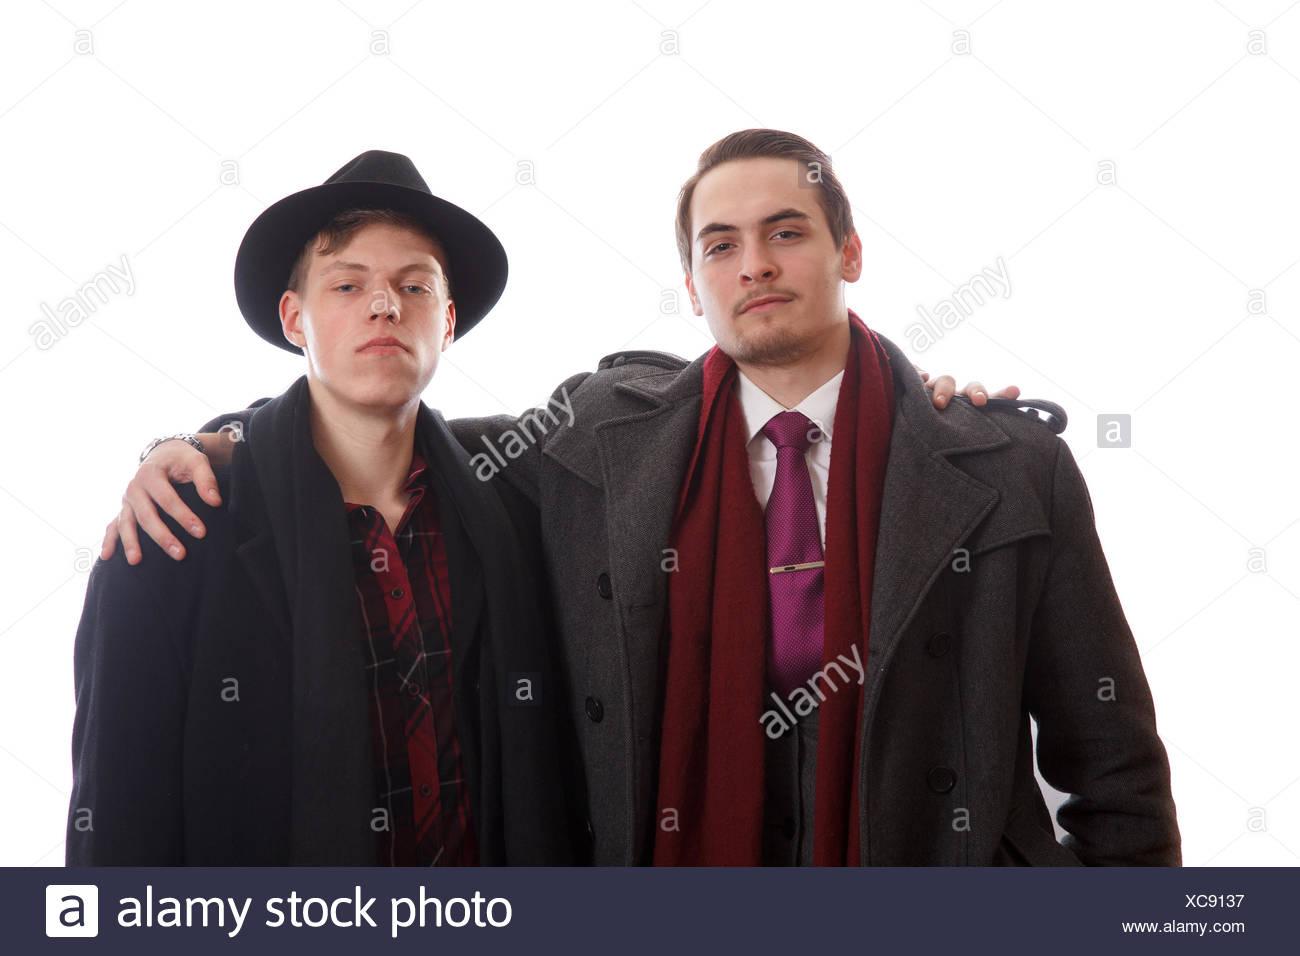 Los Hombres Bien Vestidos Foto Imagen De Stock 282940203